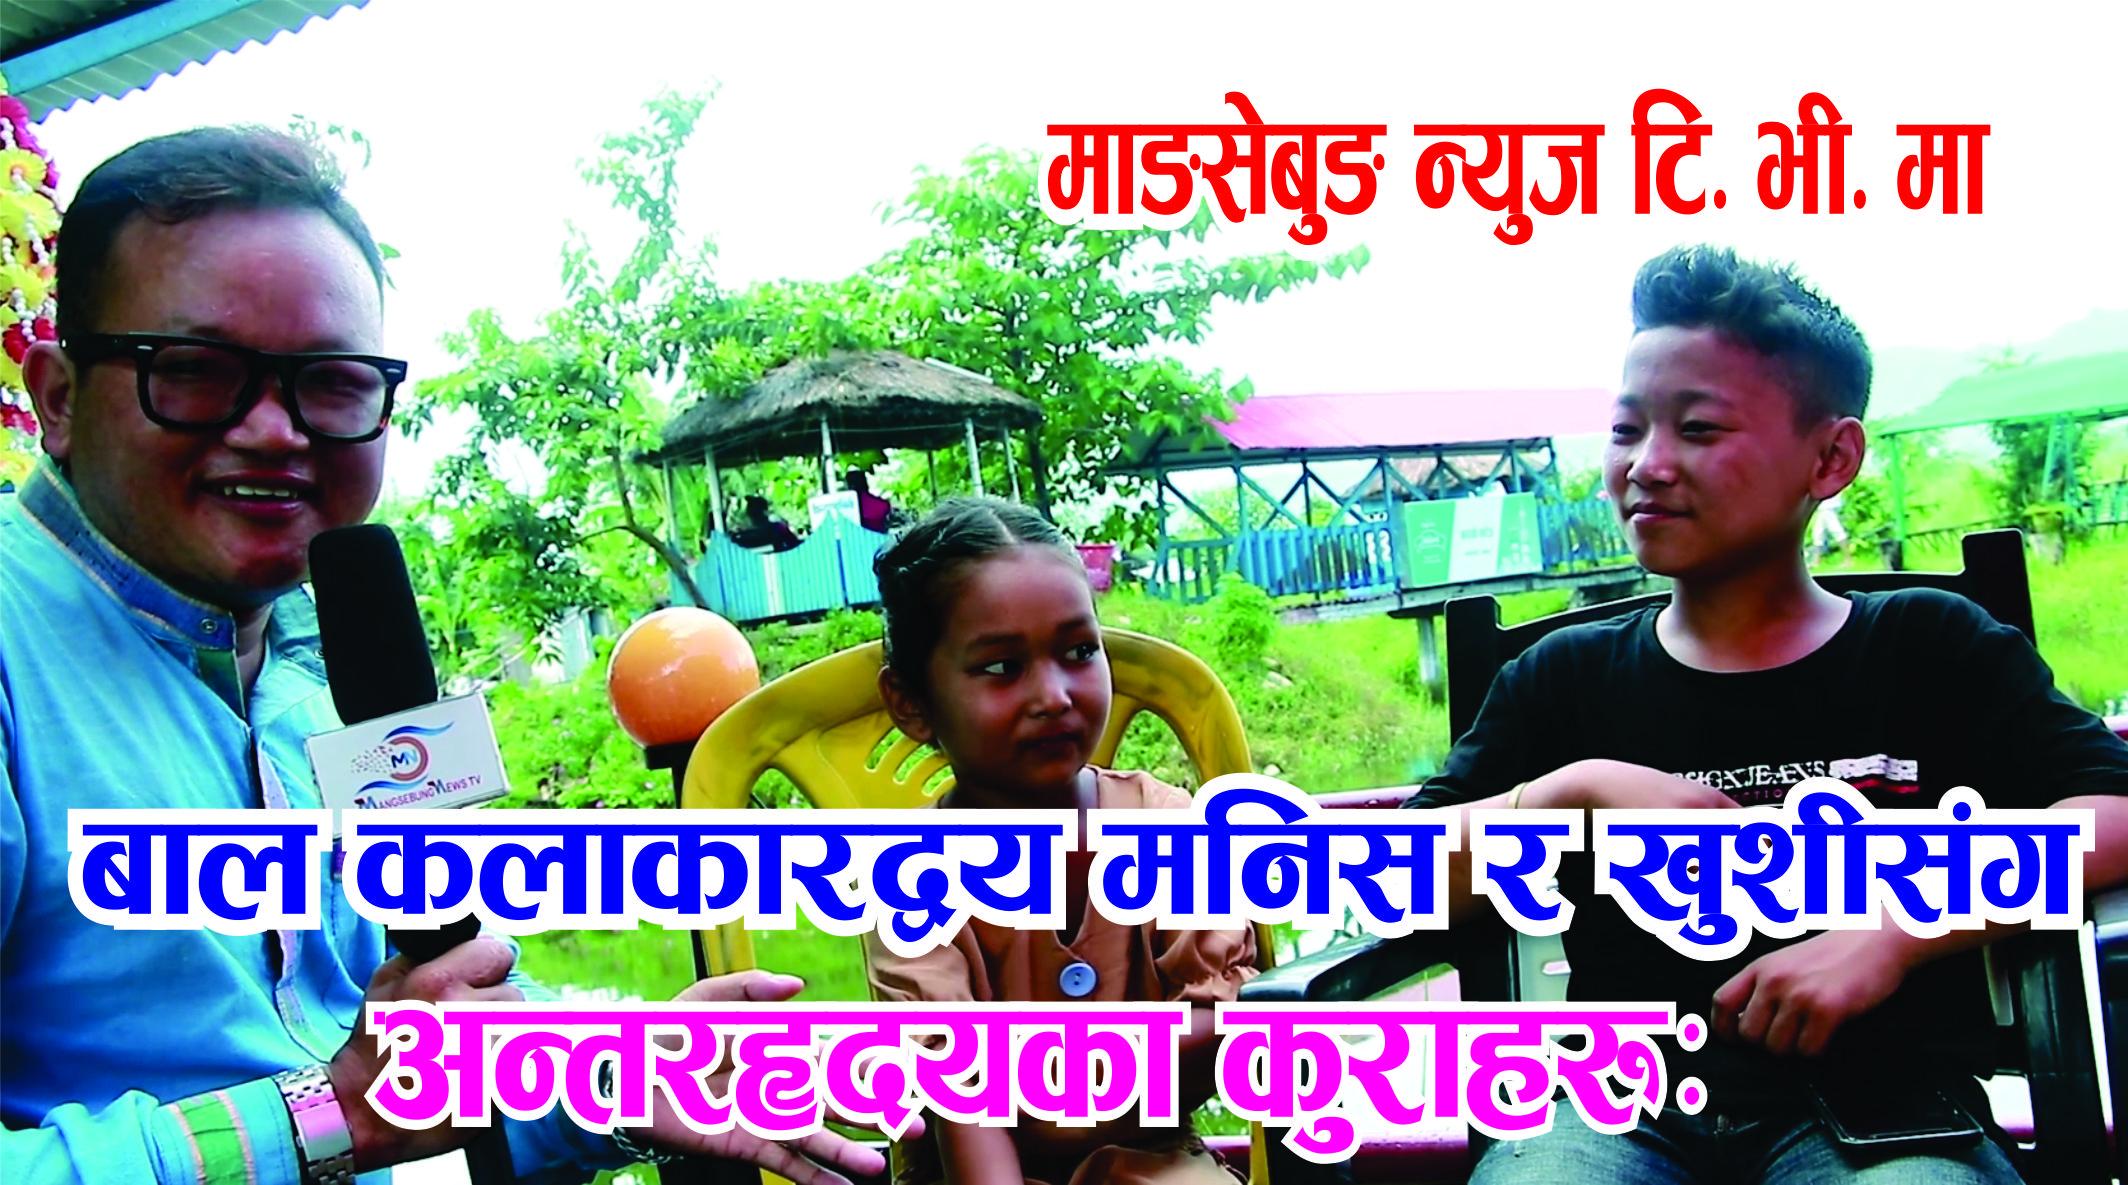 मनिस र खुशी राष्ट्र भावले ओत प्रोत गीत 'गोर्खालीको छोरी' सुीटङ सम्पन्न पछि माङसेबुङ न्यूज संग